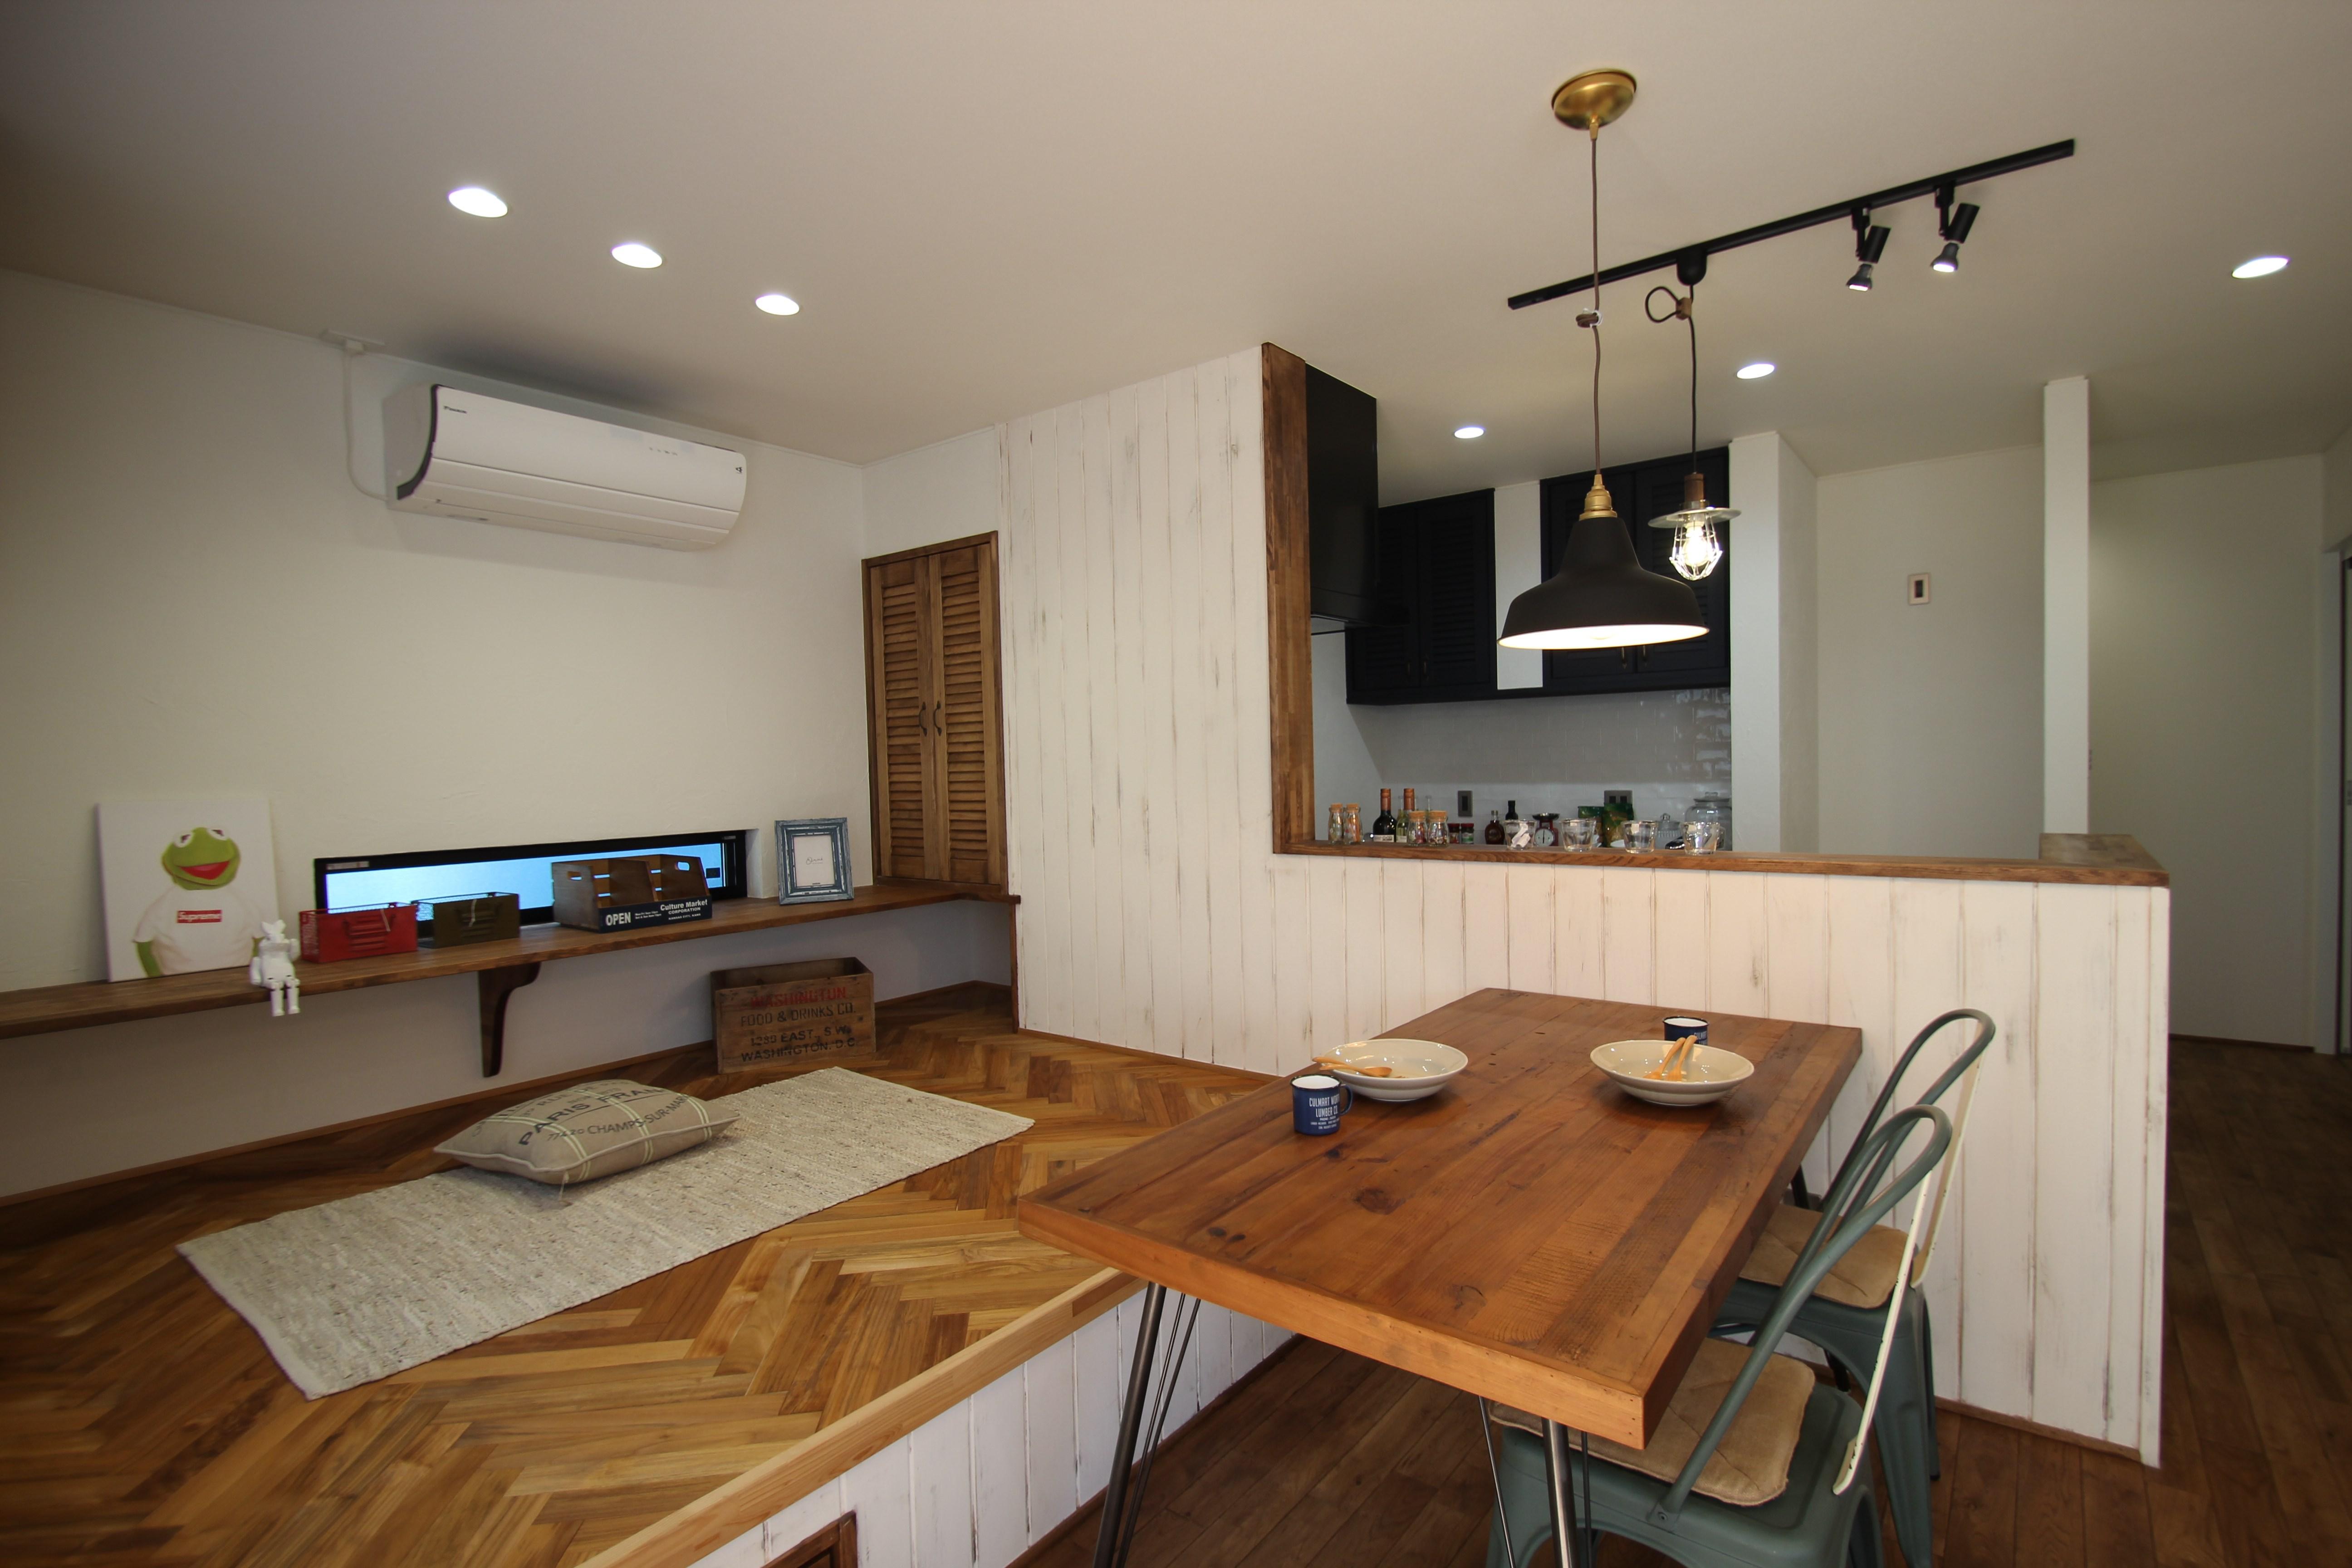 サーファーズハウス|石川県金沢市の注文住宅・デザイン性・新築の家・戸建て|E-HOUSE